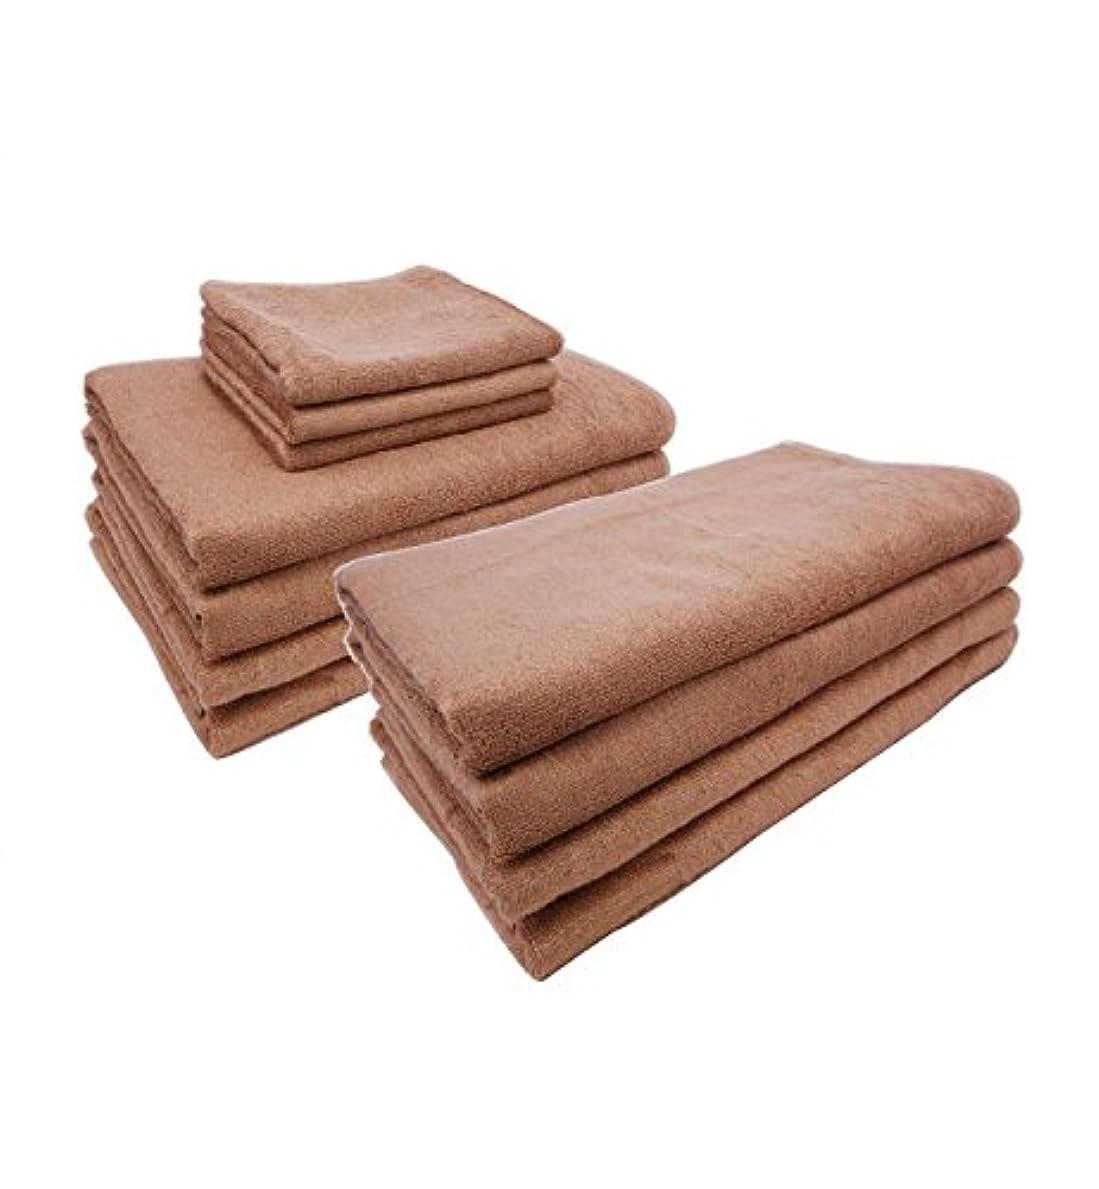 飢えた瞑想するビリーまとめ売り やわらか バンブー 竹繊維 バスタオルL (ソフトベージュ 5枚) 80×150cm 竹タオル 業務用タオル